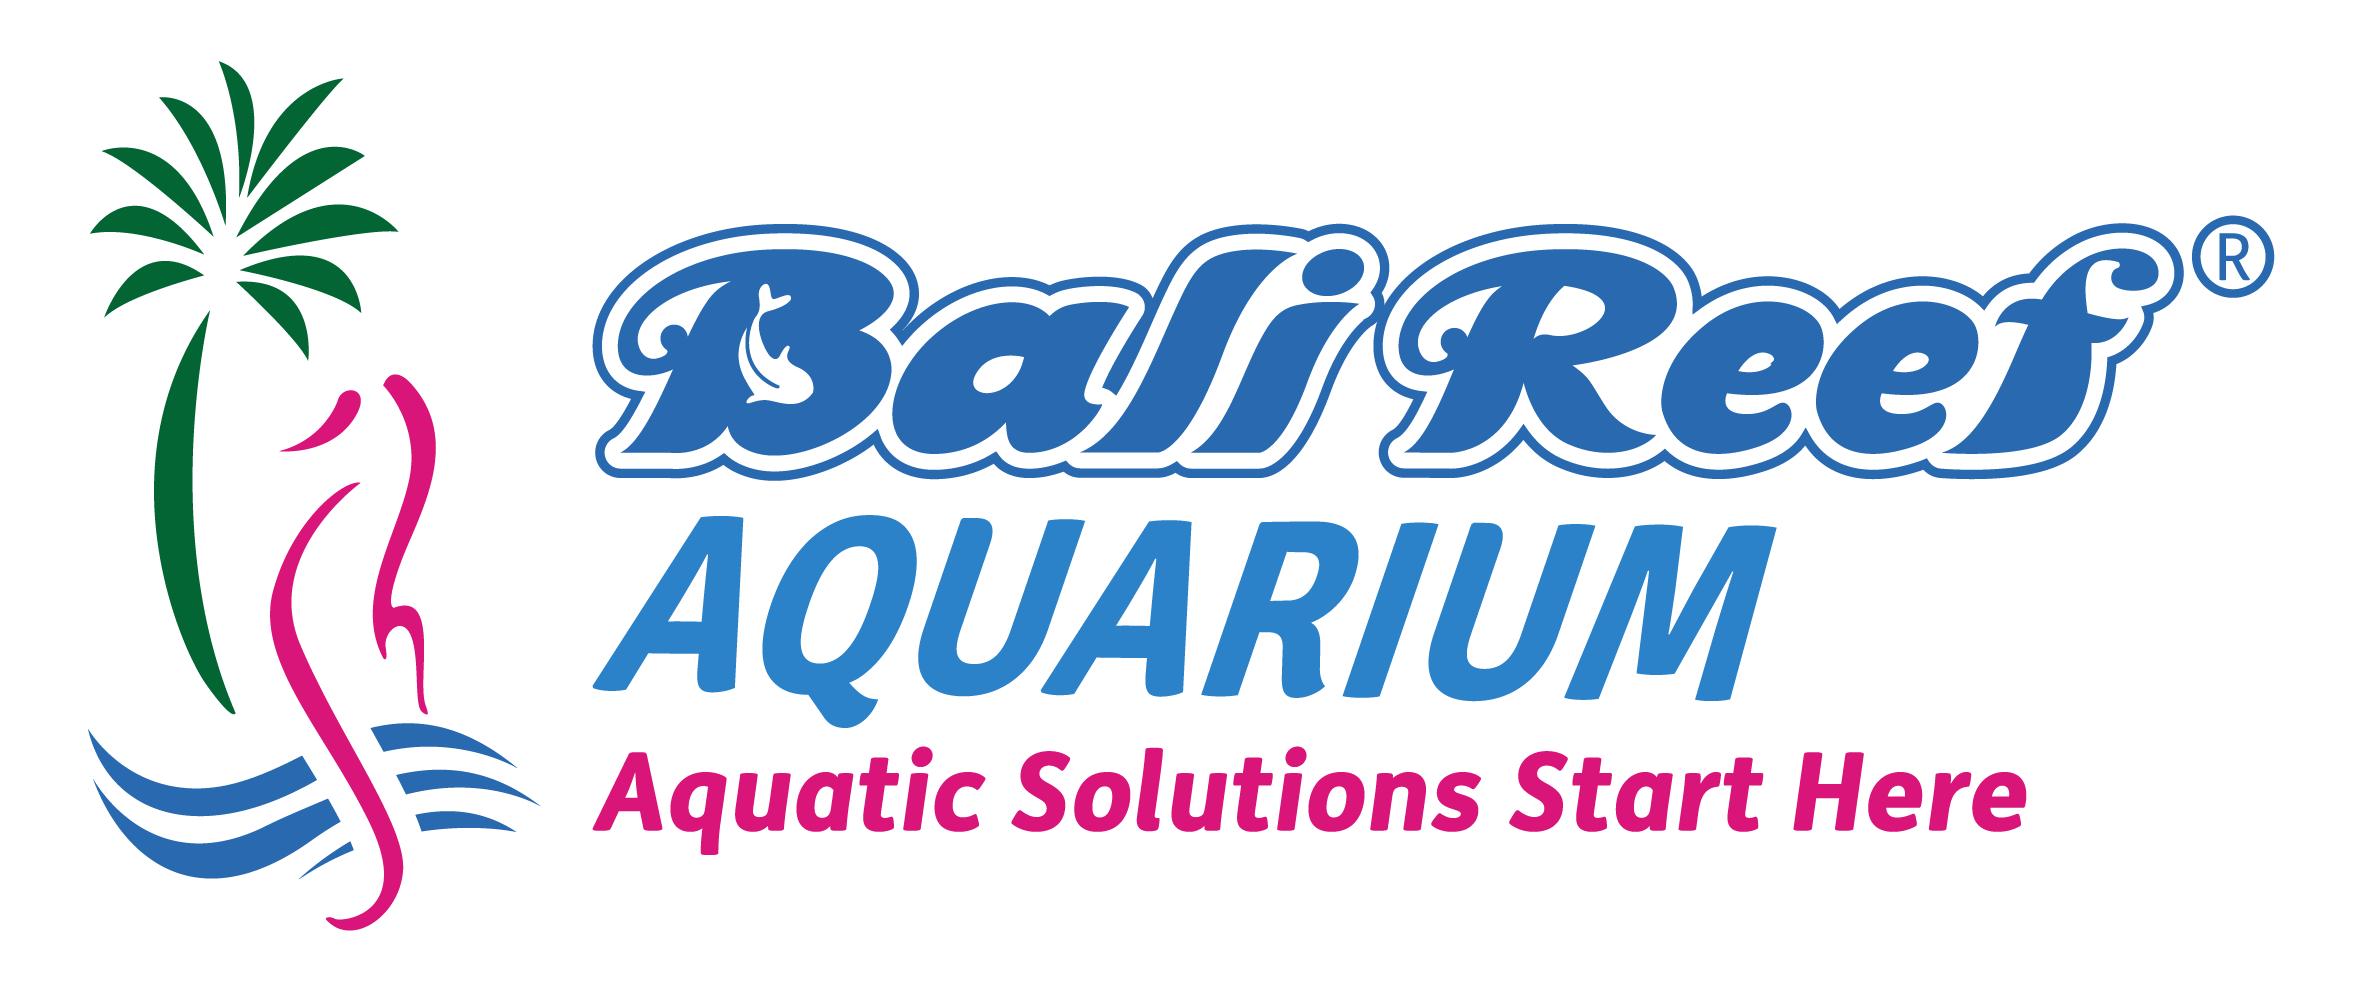 Bali Reef Aquarium Horisontal Stroke.png